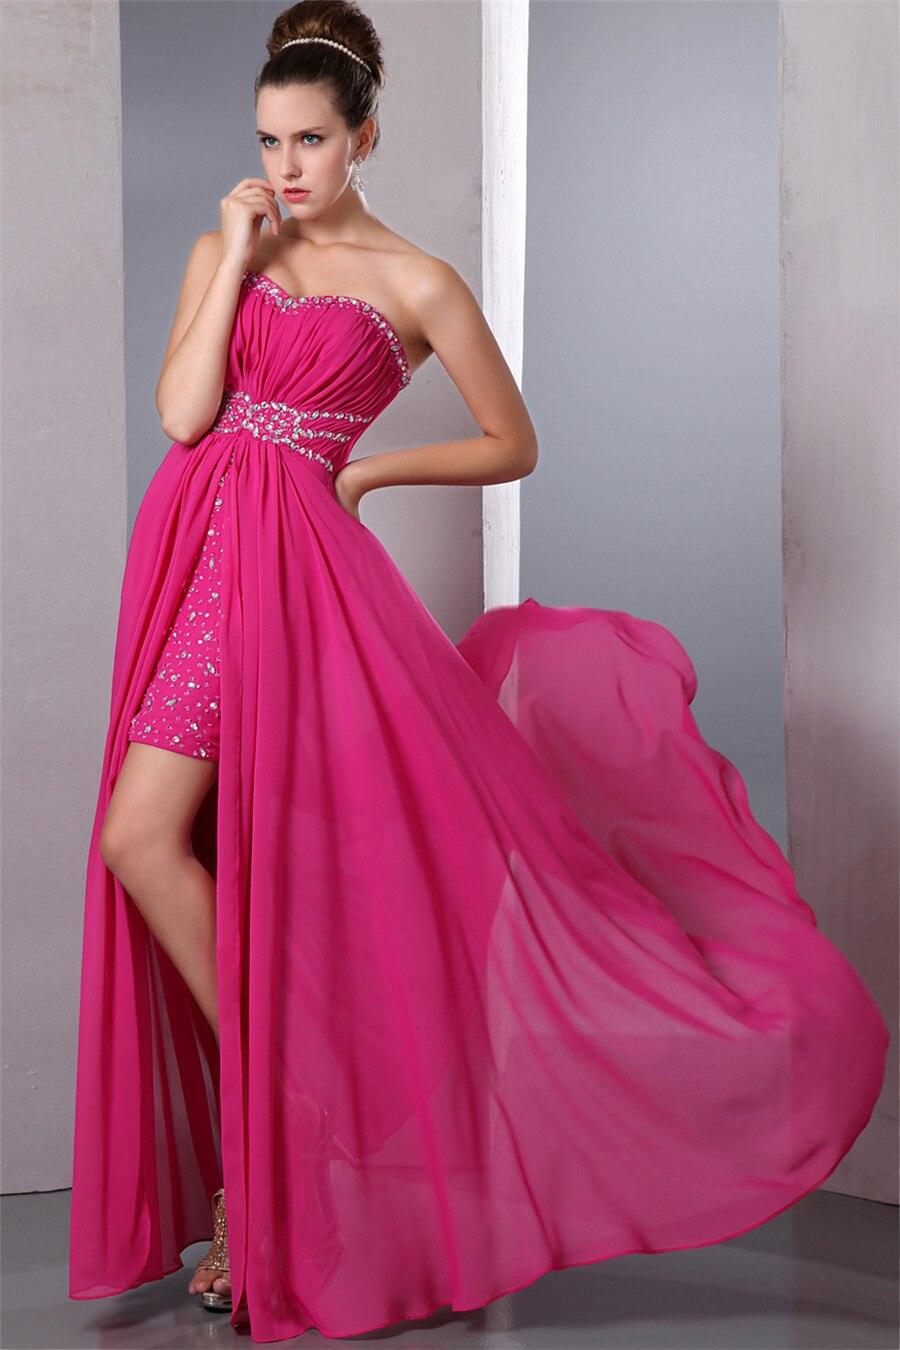 Moderno Colores Del Vestido De Dama De Honor Da Vinci Colección de ...